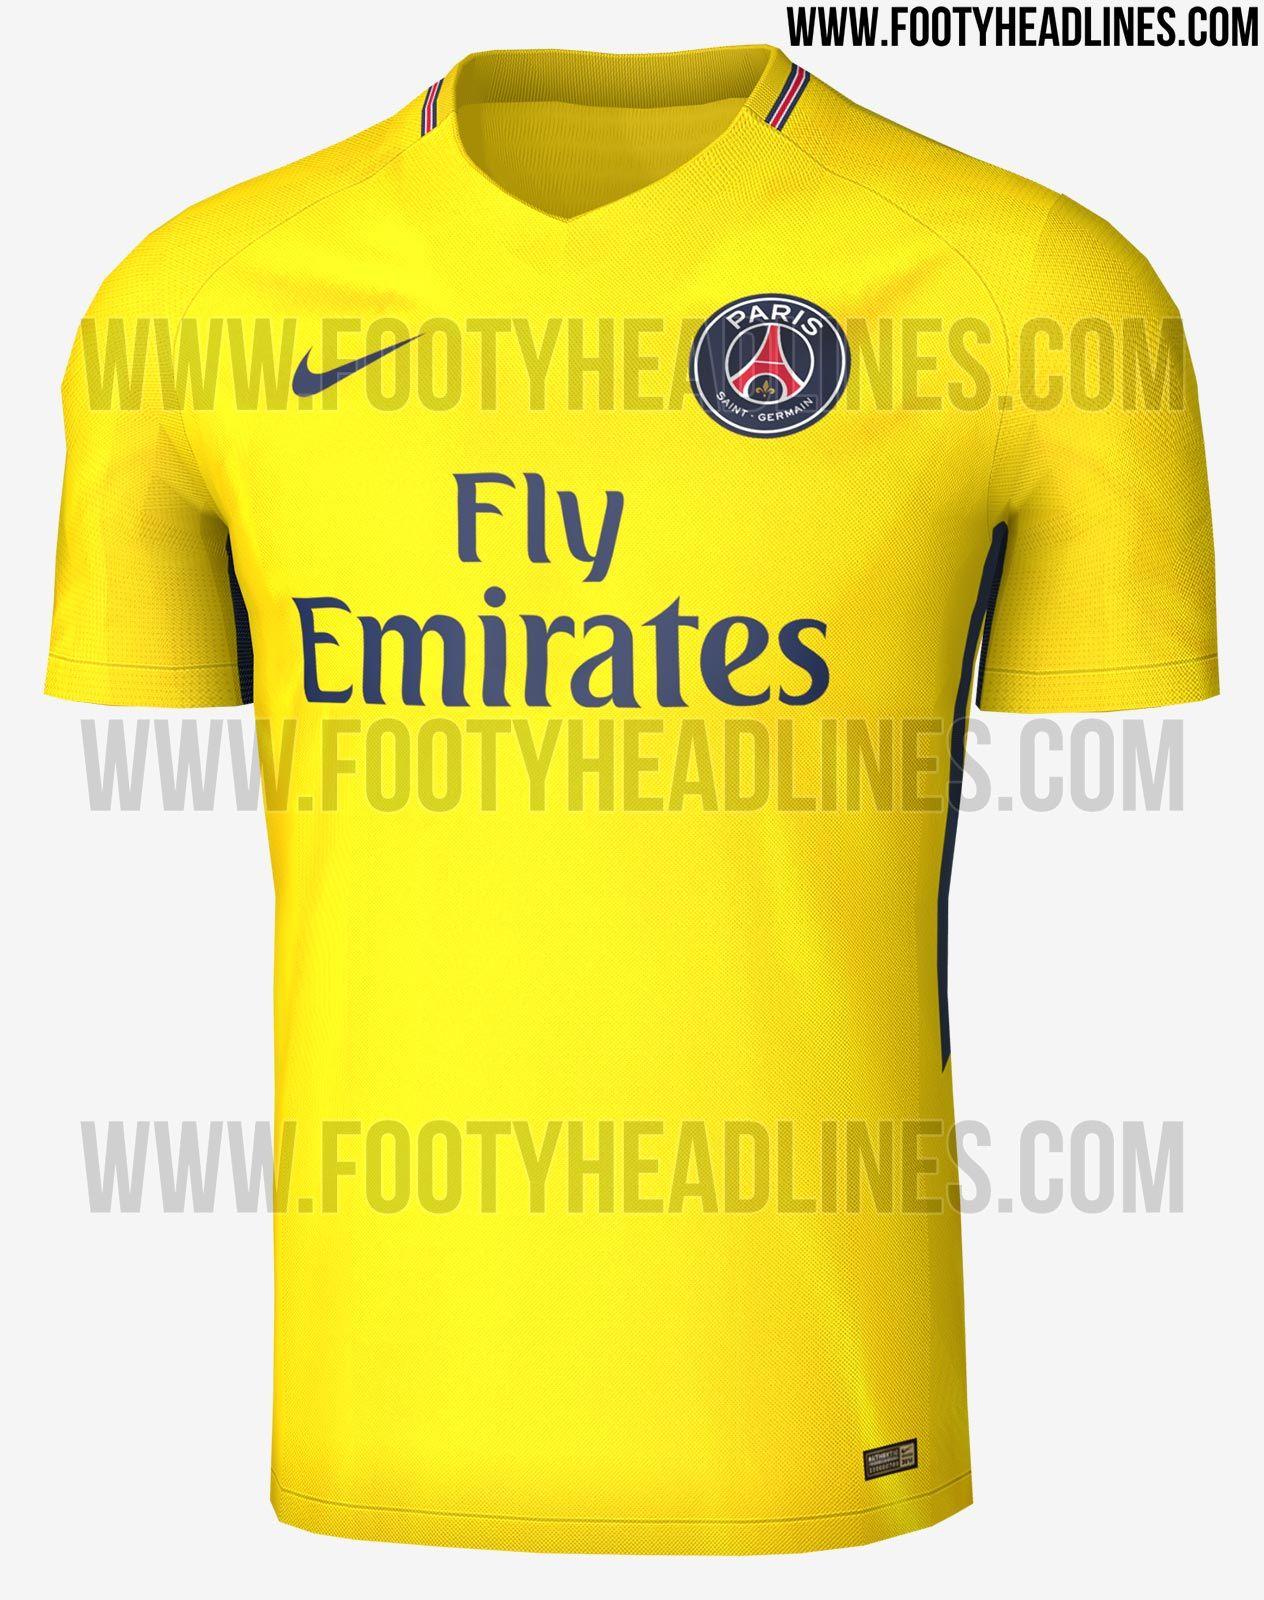 PSG terá camisa amarela em homenagem à jogadores brasileiros ... 22d7e4a047bdb